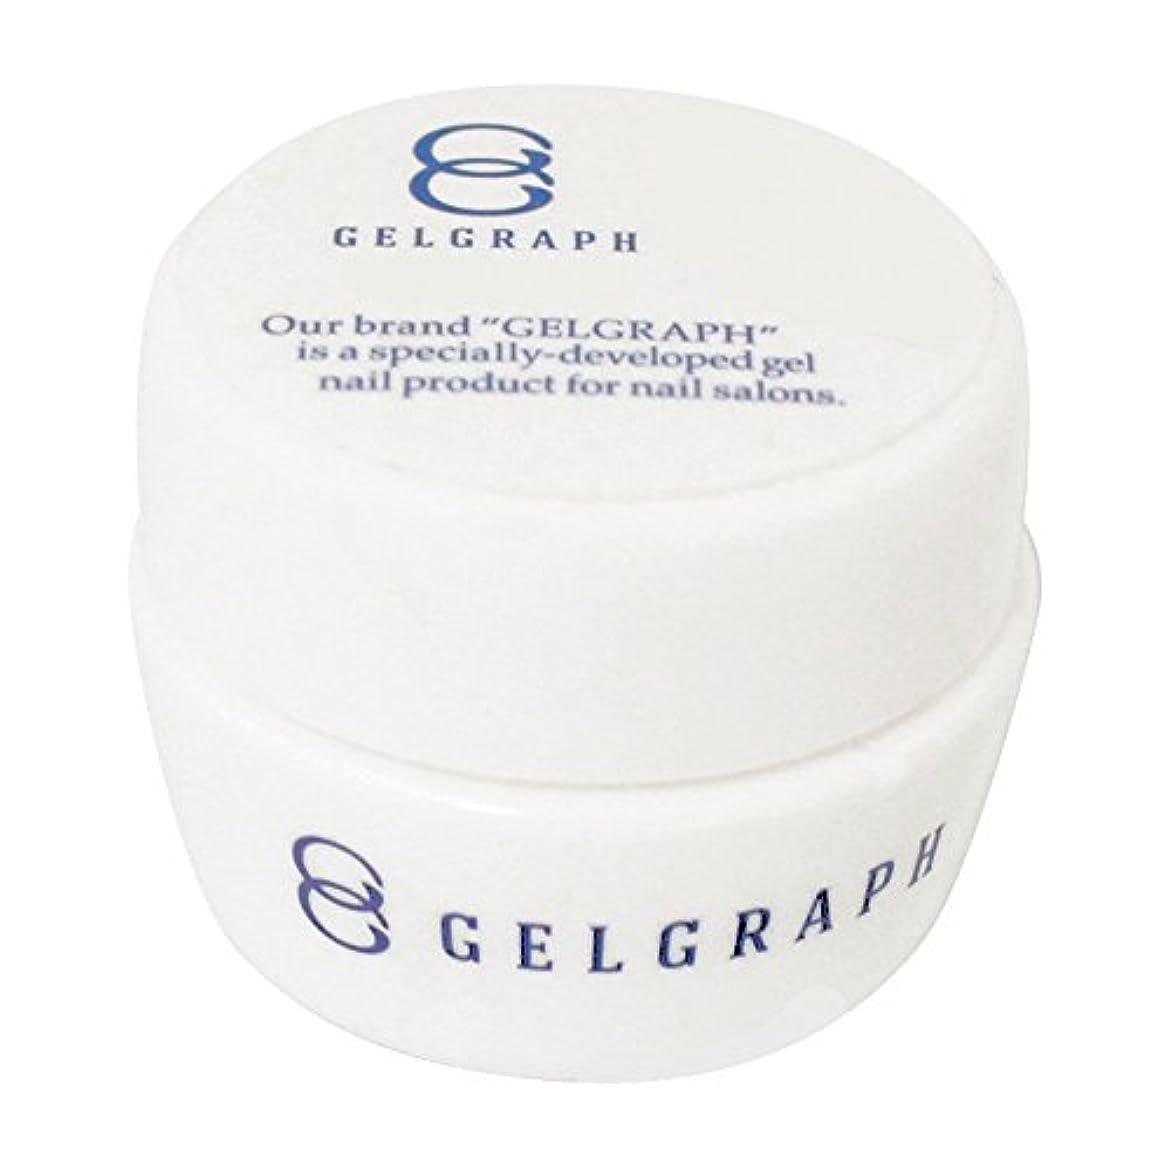 保守的支払い集中GELGRAPH カラージェル 146M アリスブルー ショコラ 5g UV/LED対応 ソークオフジェル